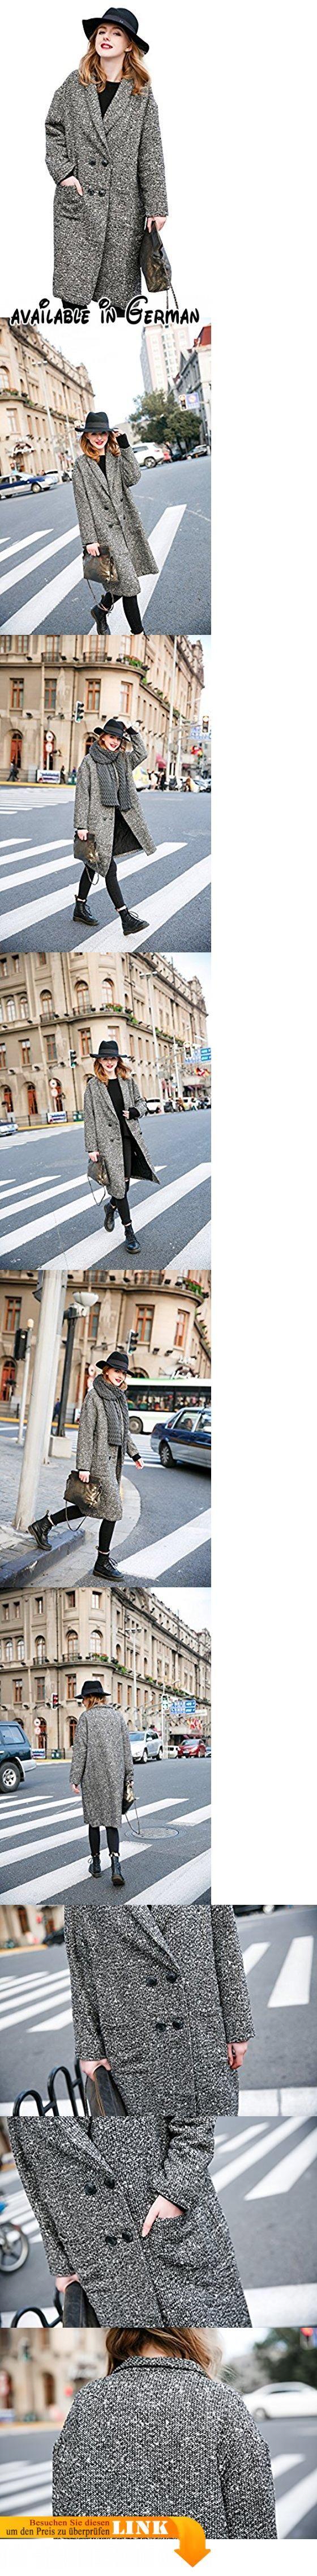 You.U Damen Fleece Lange grauer Mantel Reverskragen Loose Fit zweireihige Größe M. Material: 25% Baumwolle + 75% Polyester-Faser. Der Stoff ist weich im Griff und angenehm zu tragen. Waschverfahren : Es ist Maschine und Hand waschbar mit Reinigungsmitteln in kaltem Wasser. Einige Weichspüler kann das Hinzufügen Verhinderung statischer Elektrizität verhindern. Bitte bleichen nicht. Classic und Retro-Design aus Mailand Italien, zweireihig aufgesetzten Taschen Stirn-Spielen